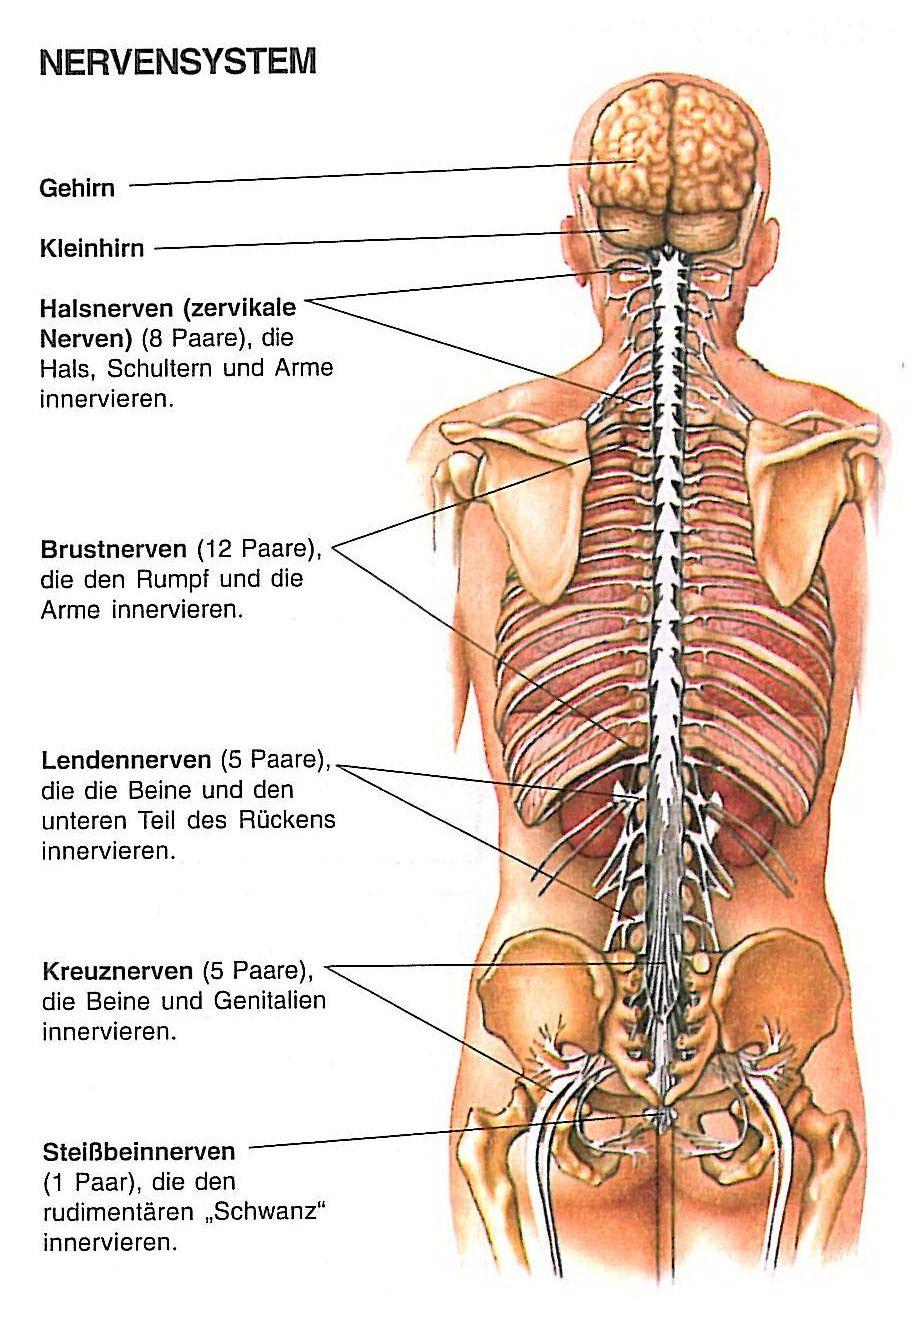 nerven | ANATOMY | Pinterest | Anatomy